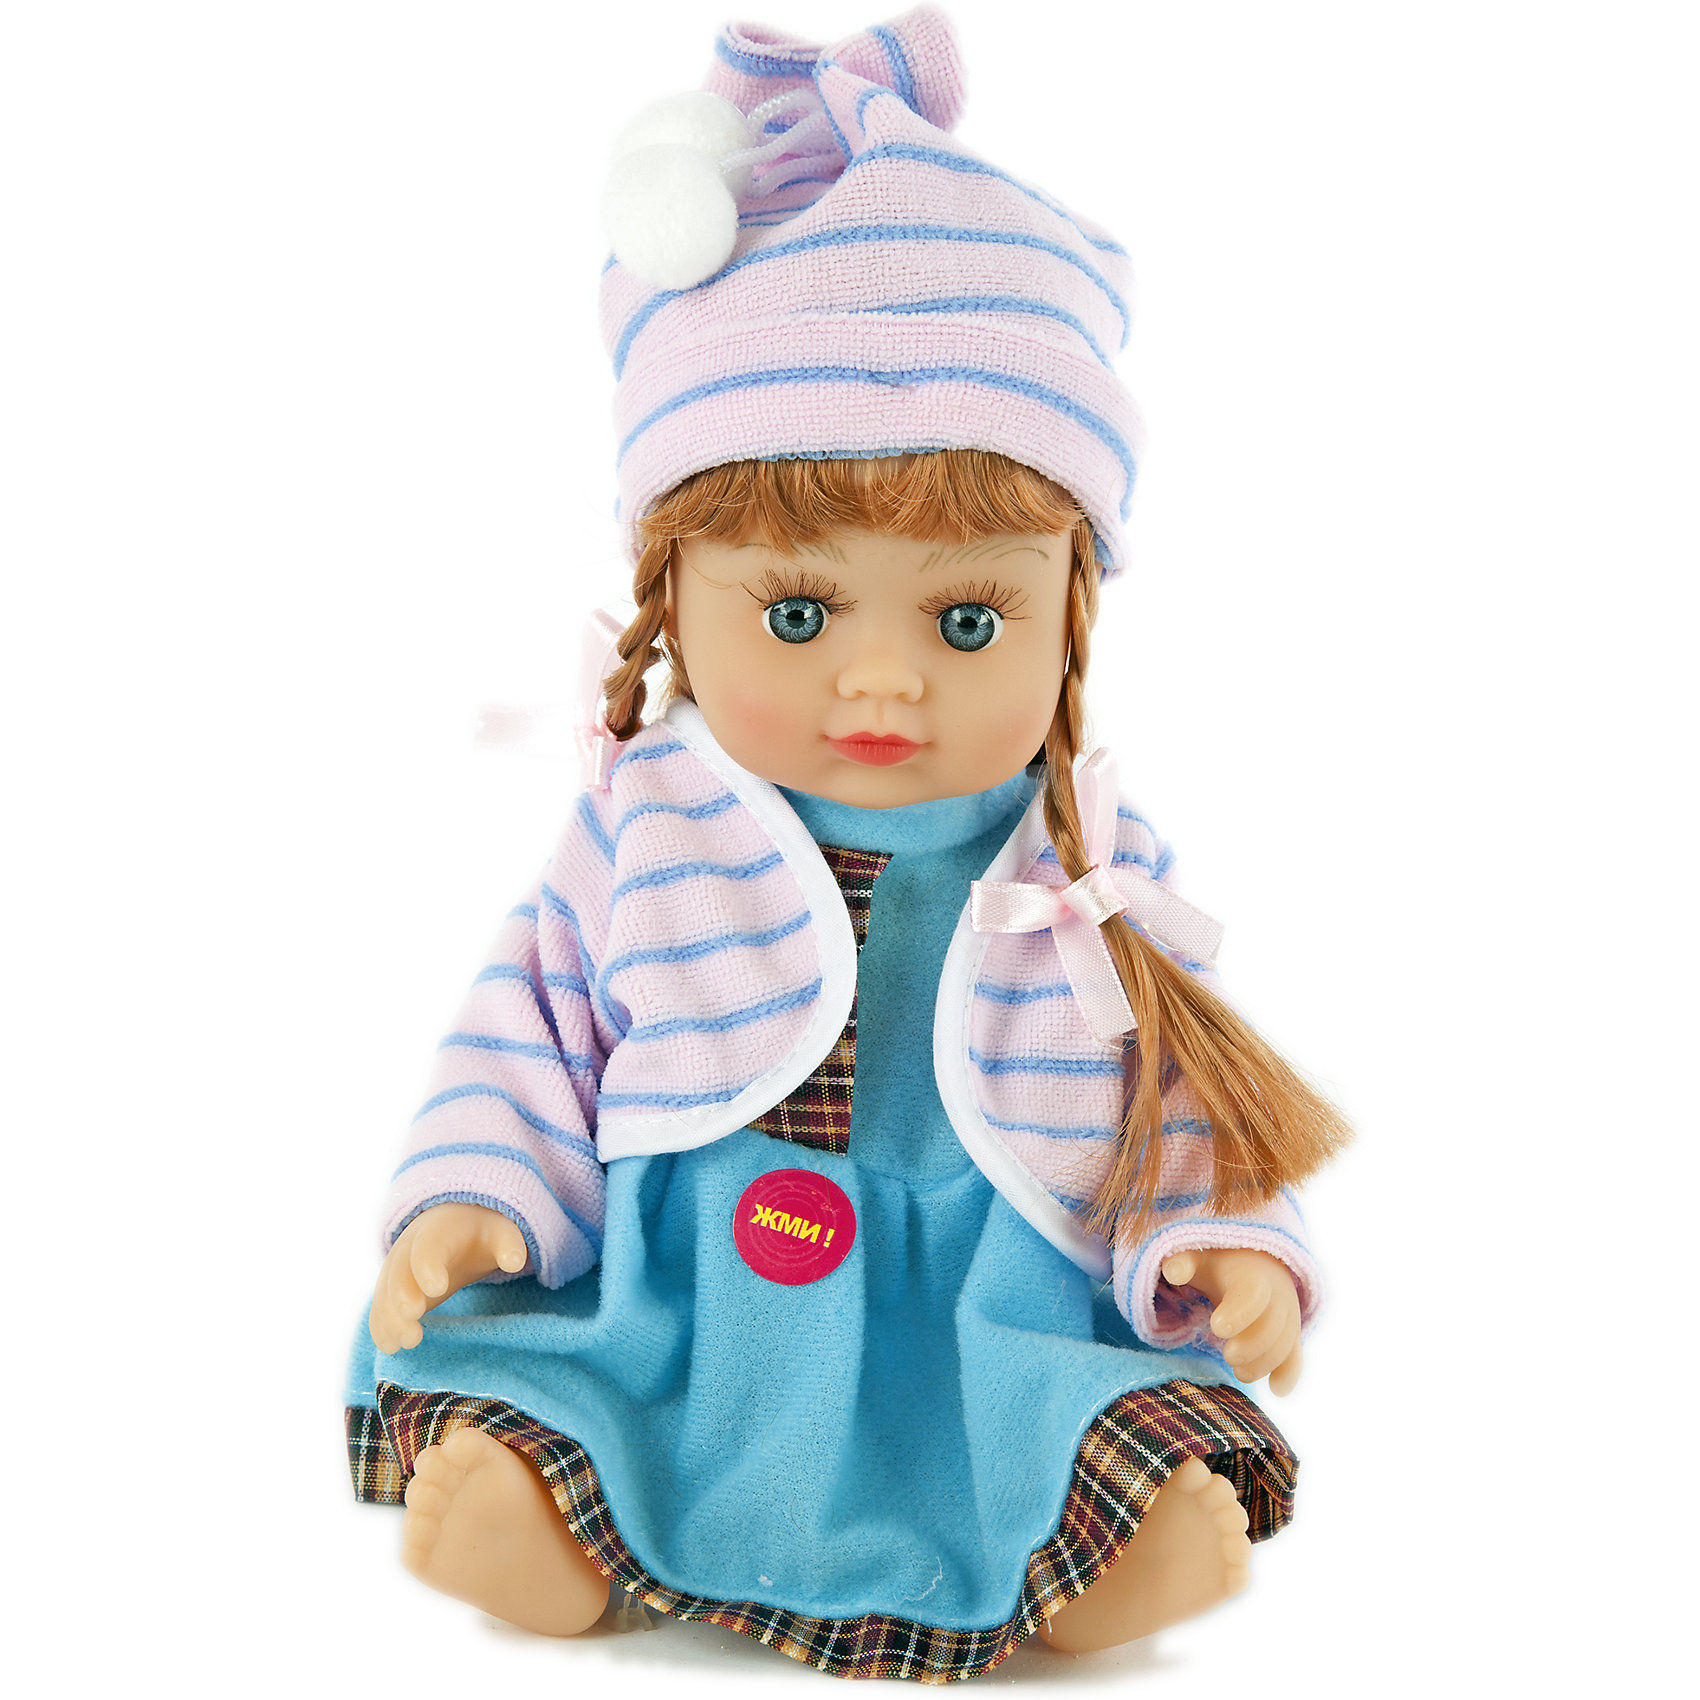 Кукла Алина 22 см., говорящая, рюкзак в комплекте, Shantou Gepai